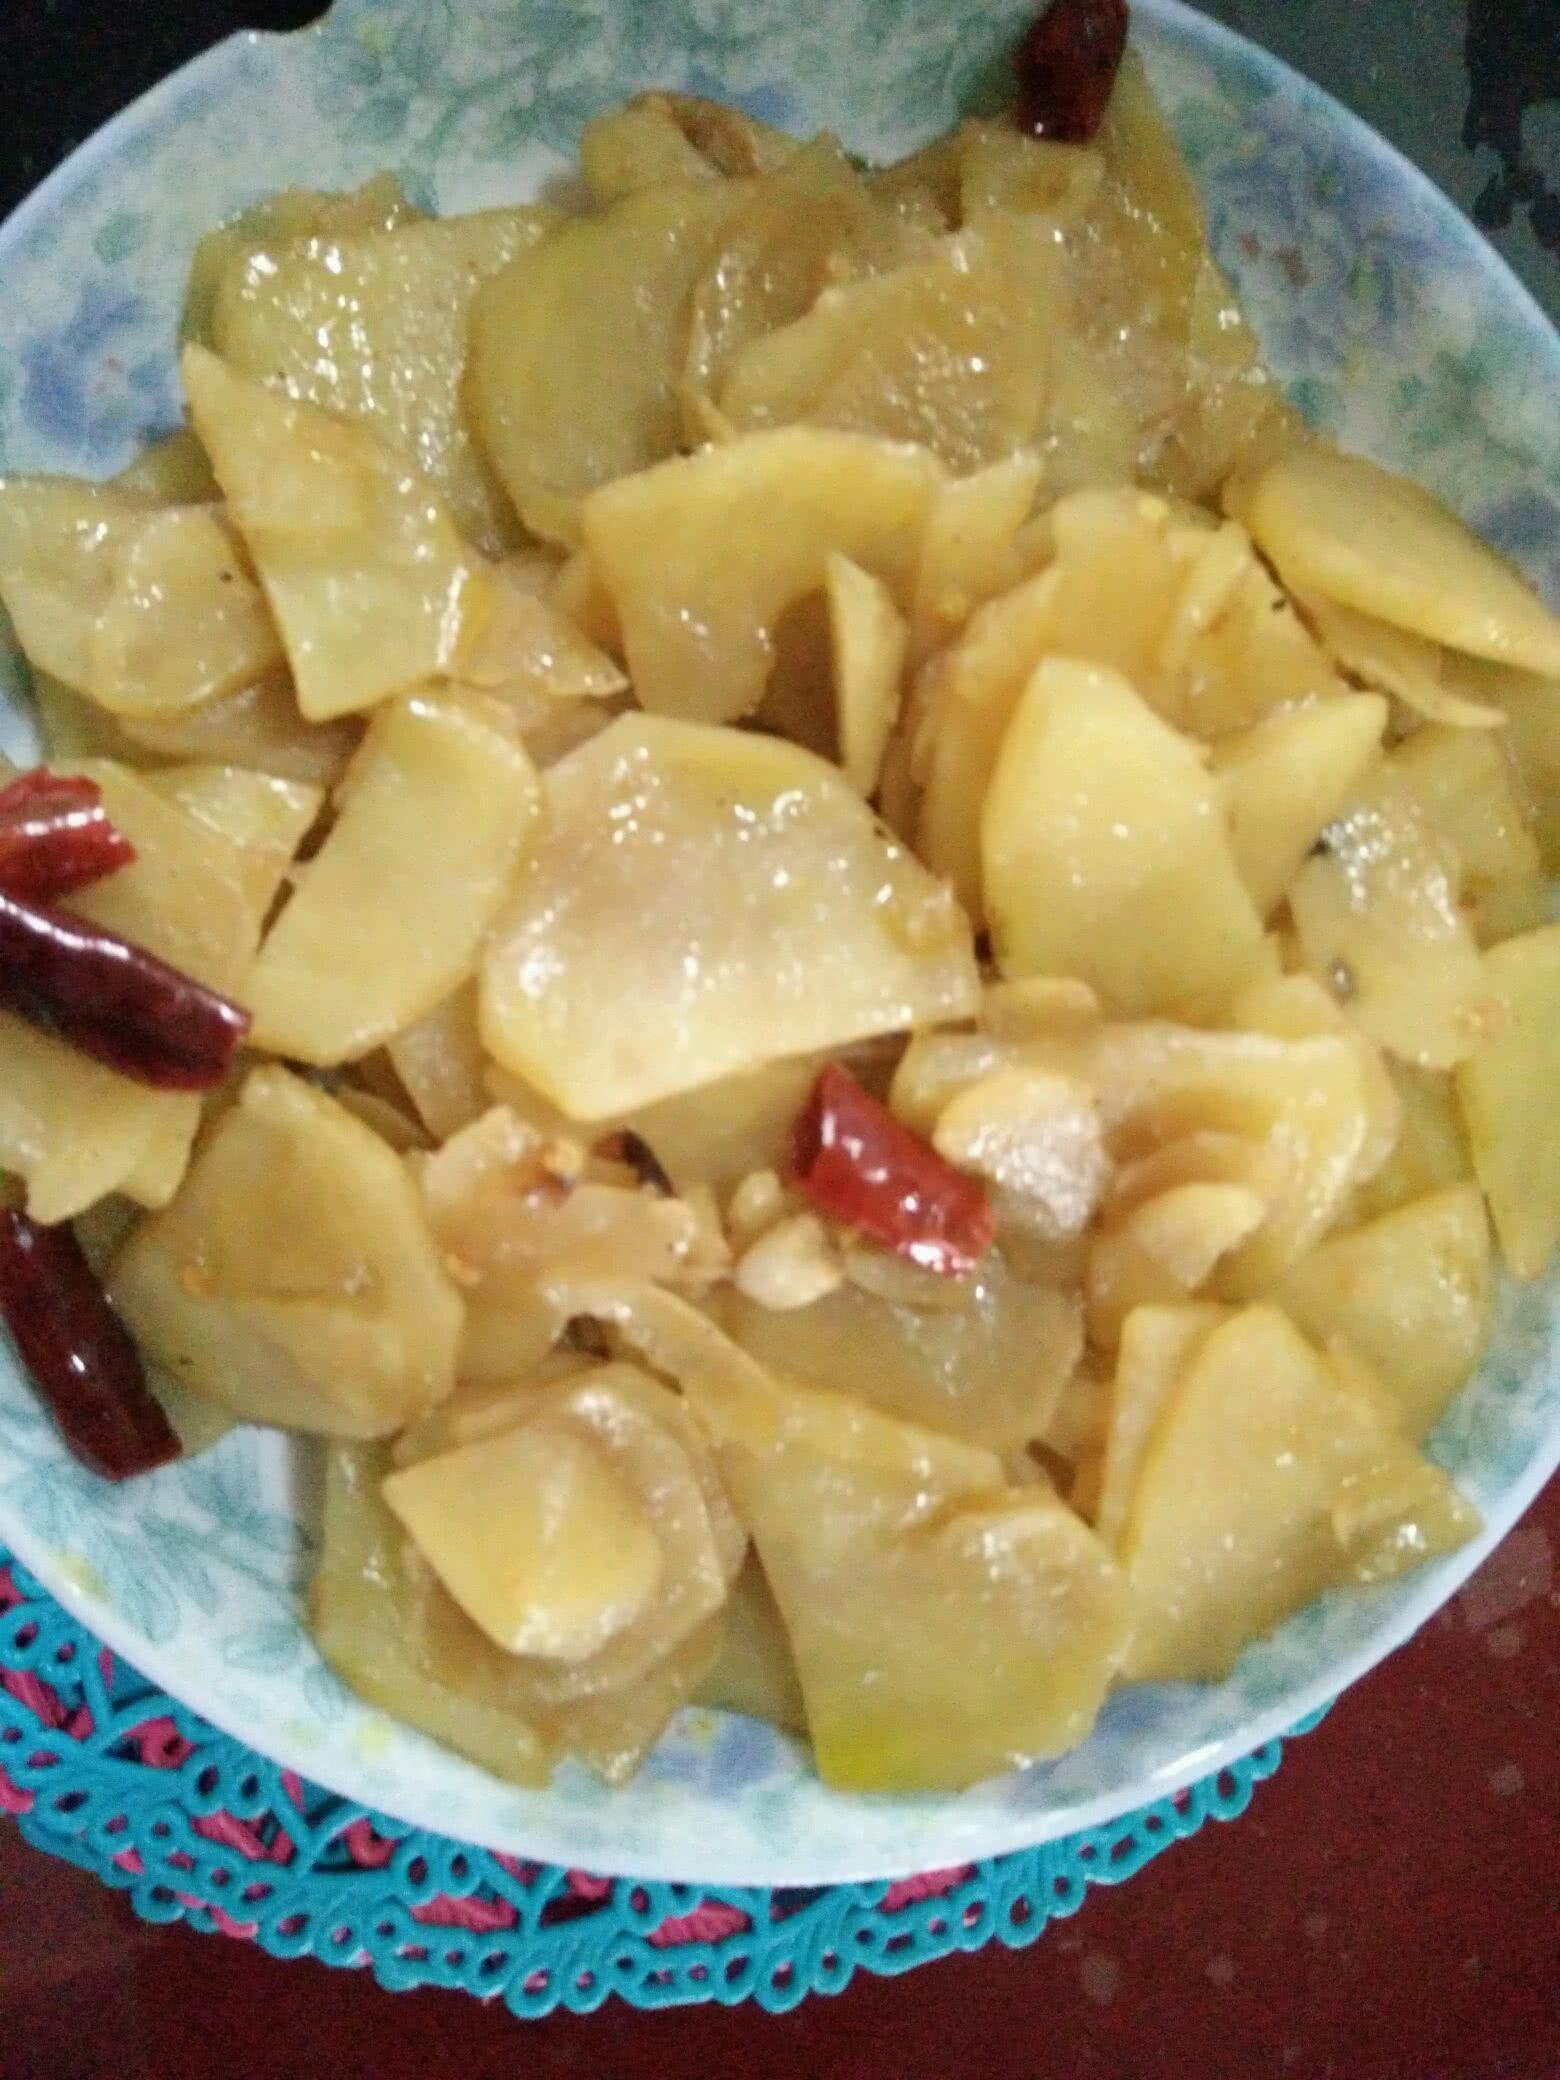 大蒜1头 土豆的做法